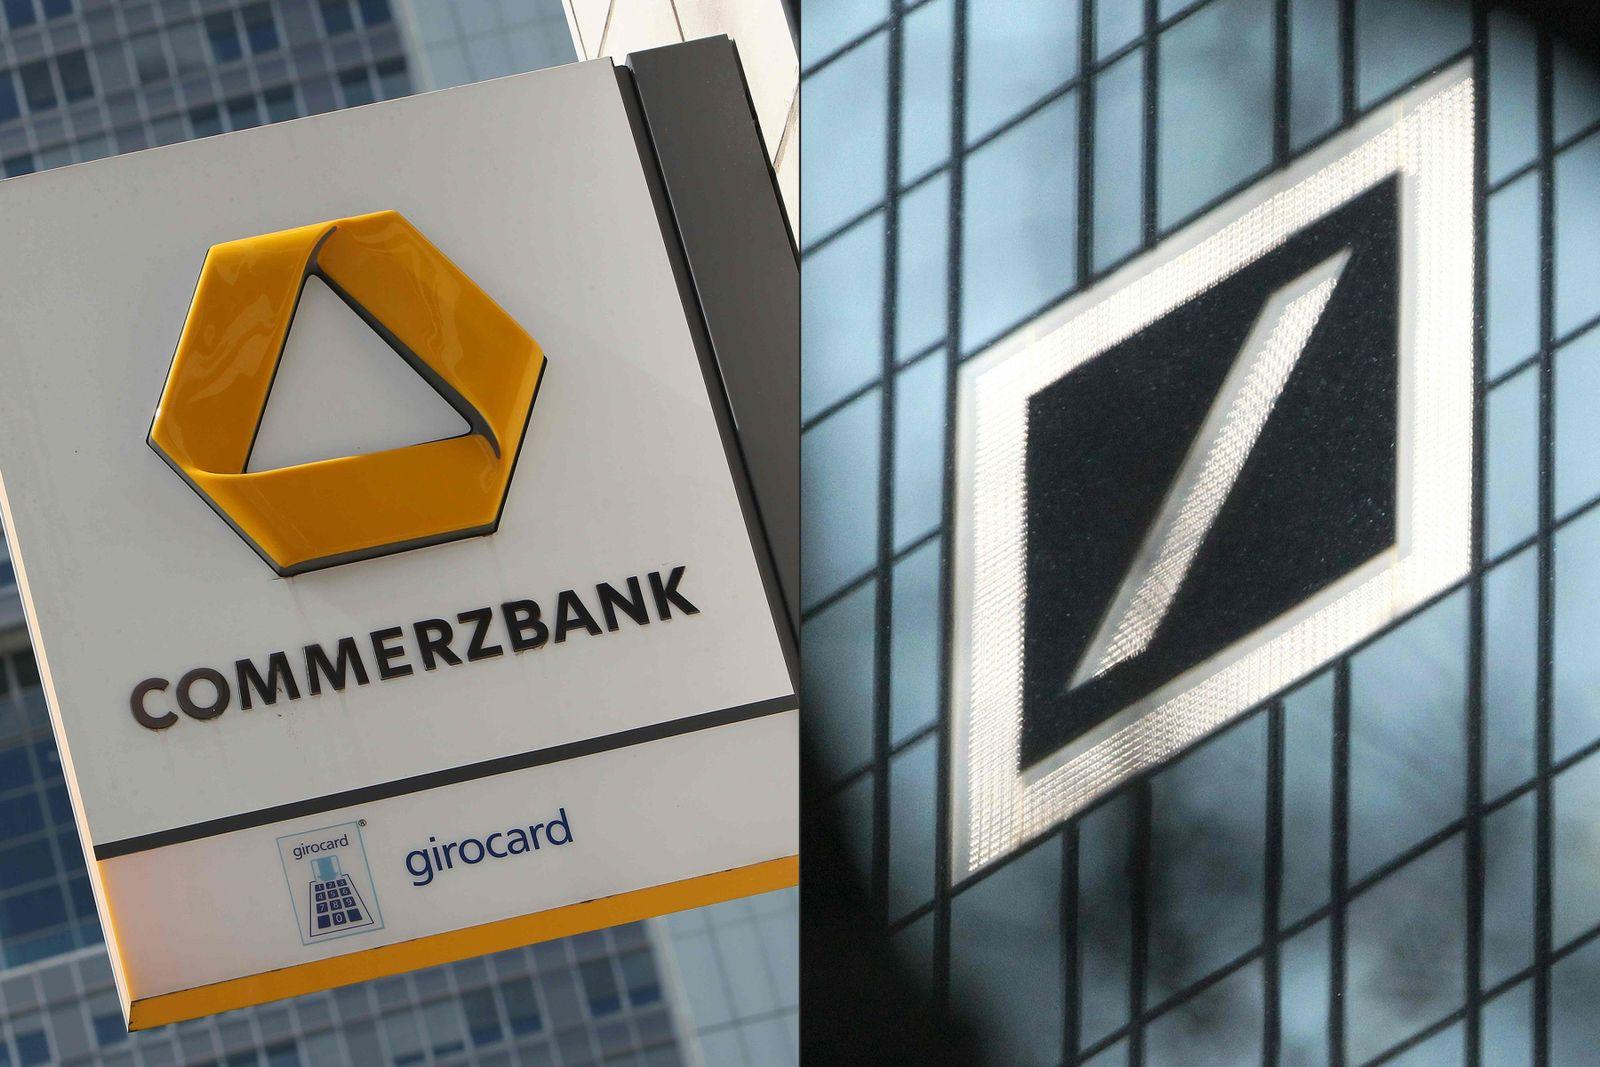 COMBO-GERMANY-BANKING-MERGER-DEUTSCHEBANK-COMMERZBANK